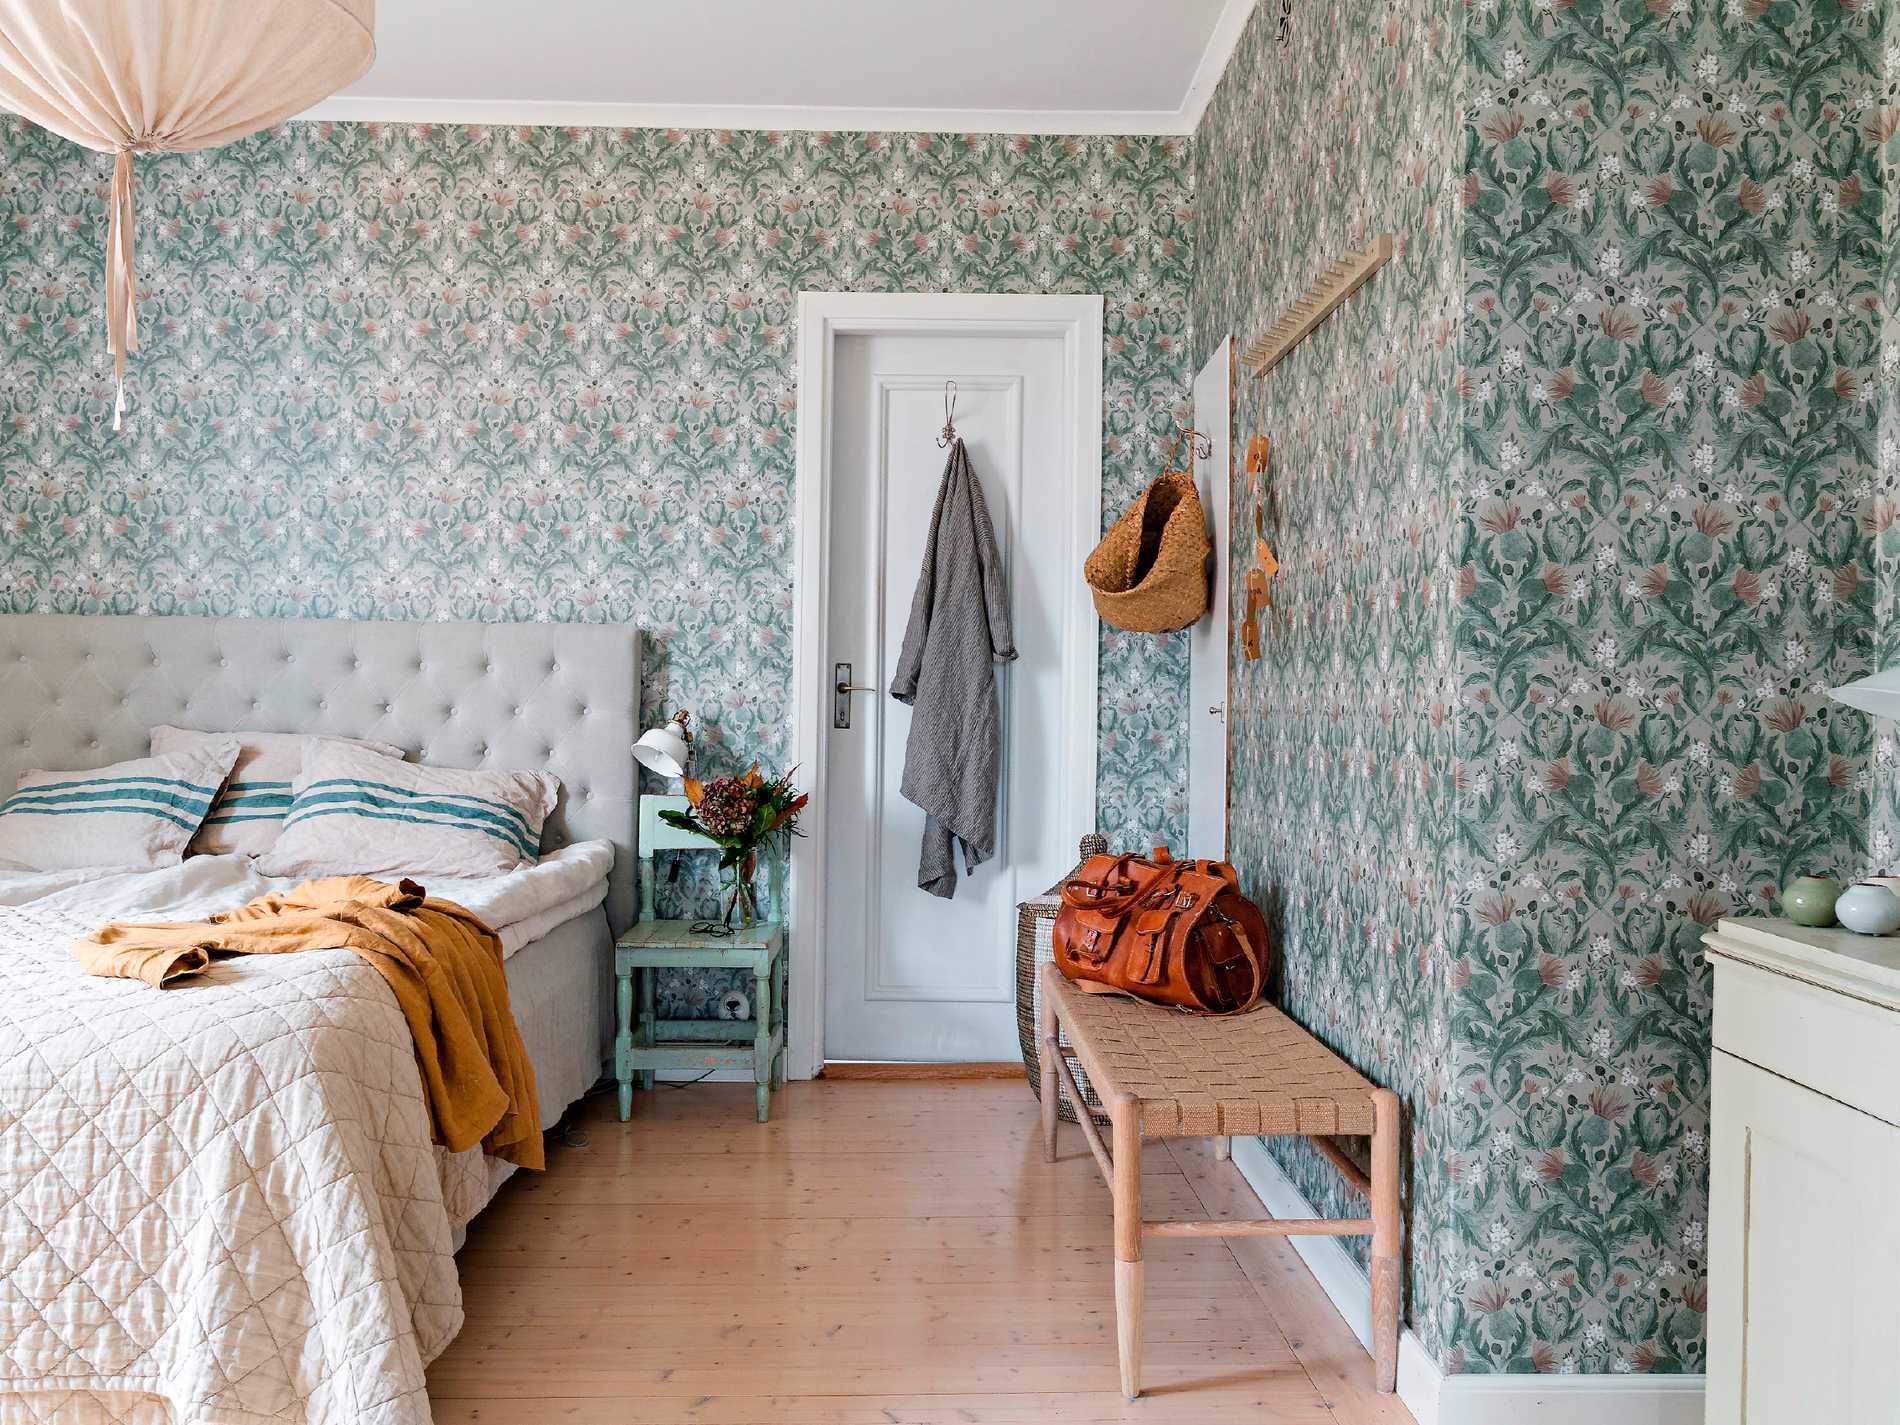 Fridas och Anders sovrum har fått en remake med tapeten Thistle från Boråstapeter som går i svala dämpade nyaser av grått och blågrönt.  Textilier i mjuka beige nyanser gör rummet harmoniskt och vilsamt.